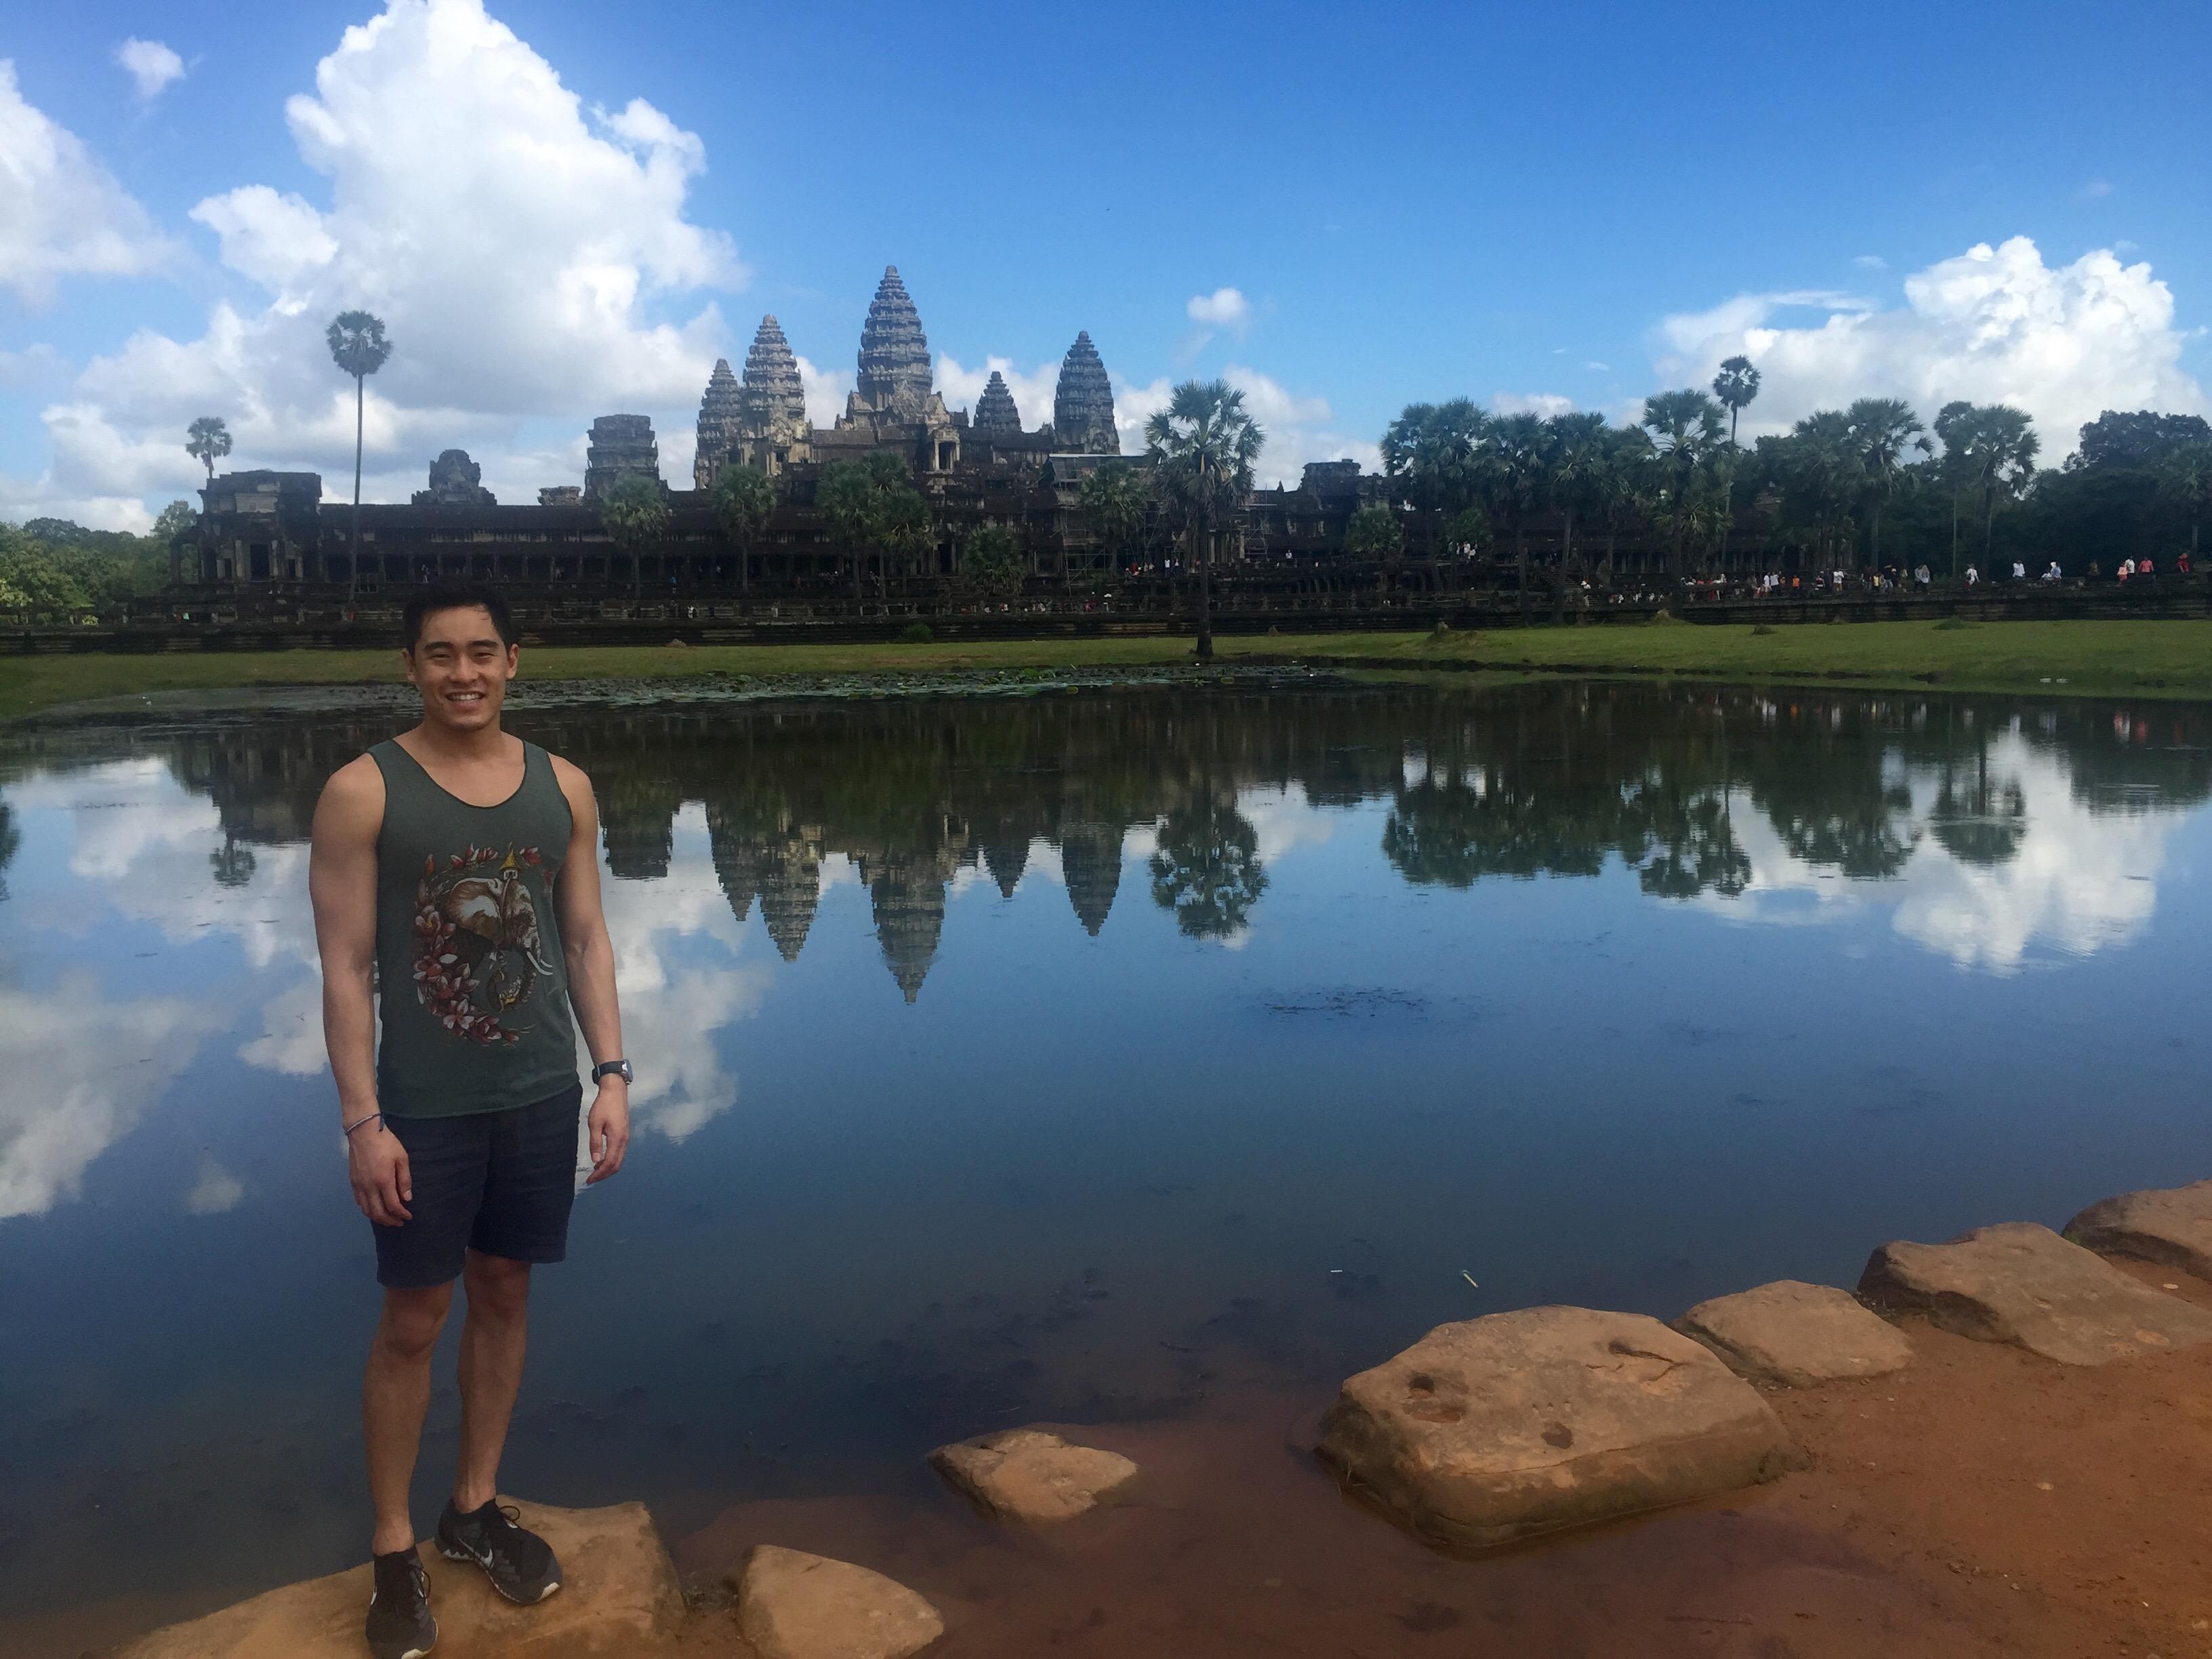 Angkor Wat - Cambodia bucket list